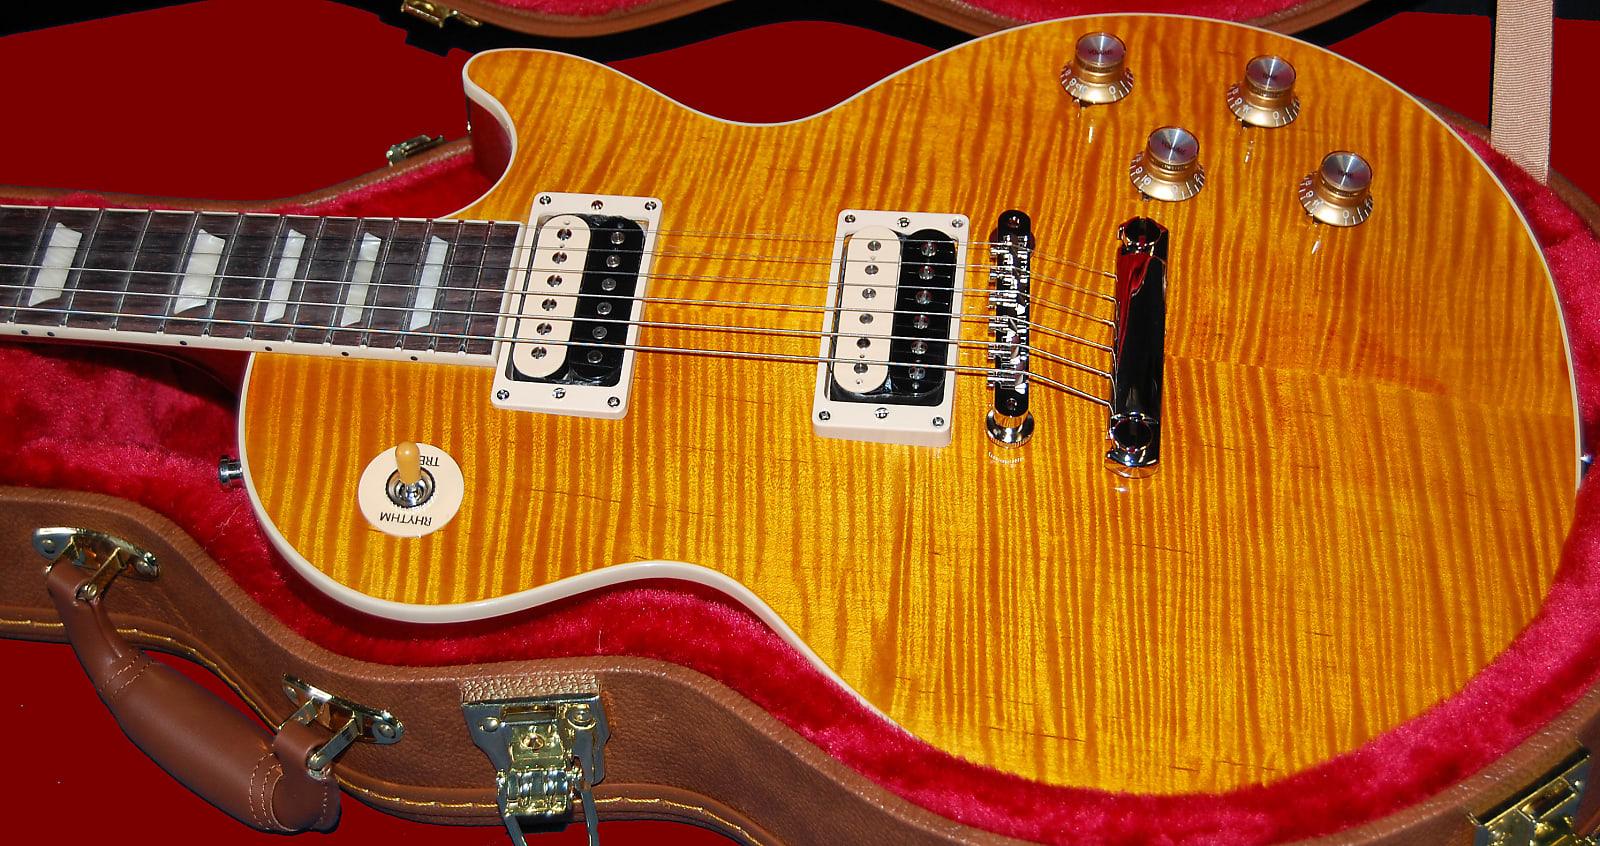 NEW! Gibson Slash Les Paul Standard Appetite Burst Authorized Dealer - Guns N Roses - KILLER TOP!